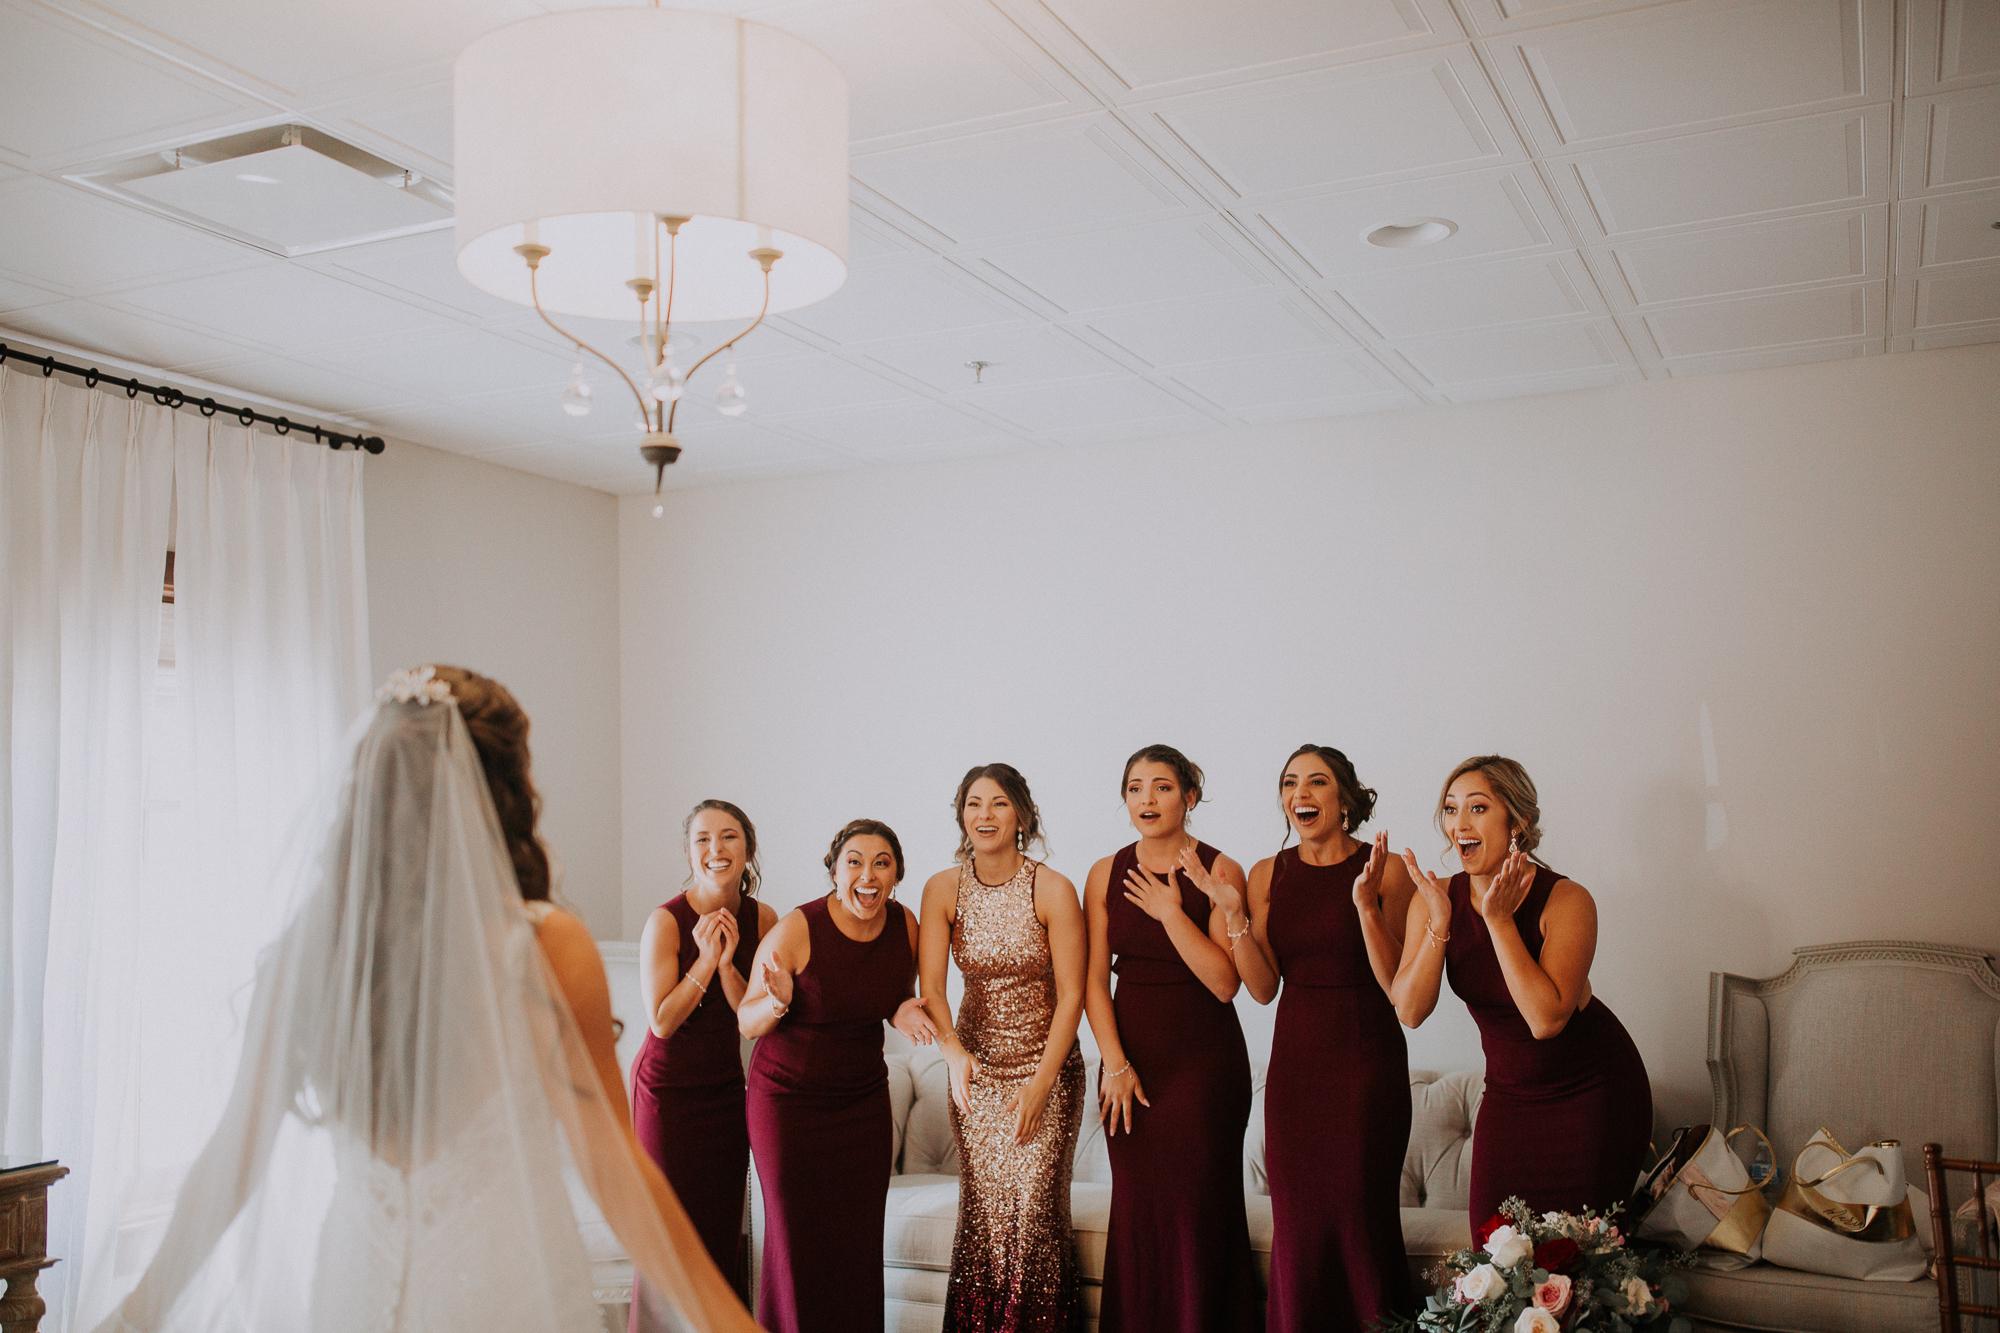 macaneneywedding-15.jpg